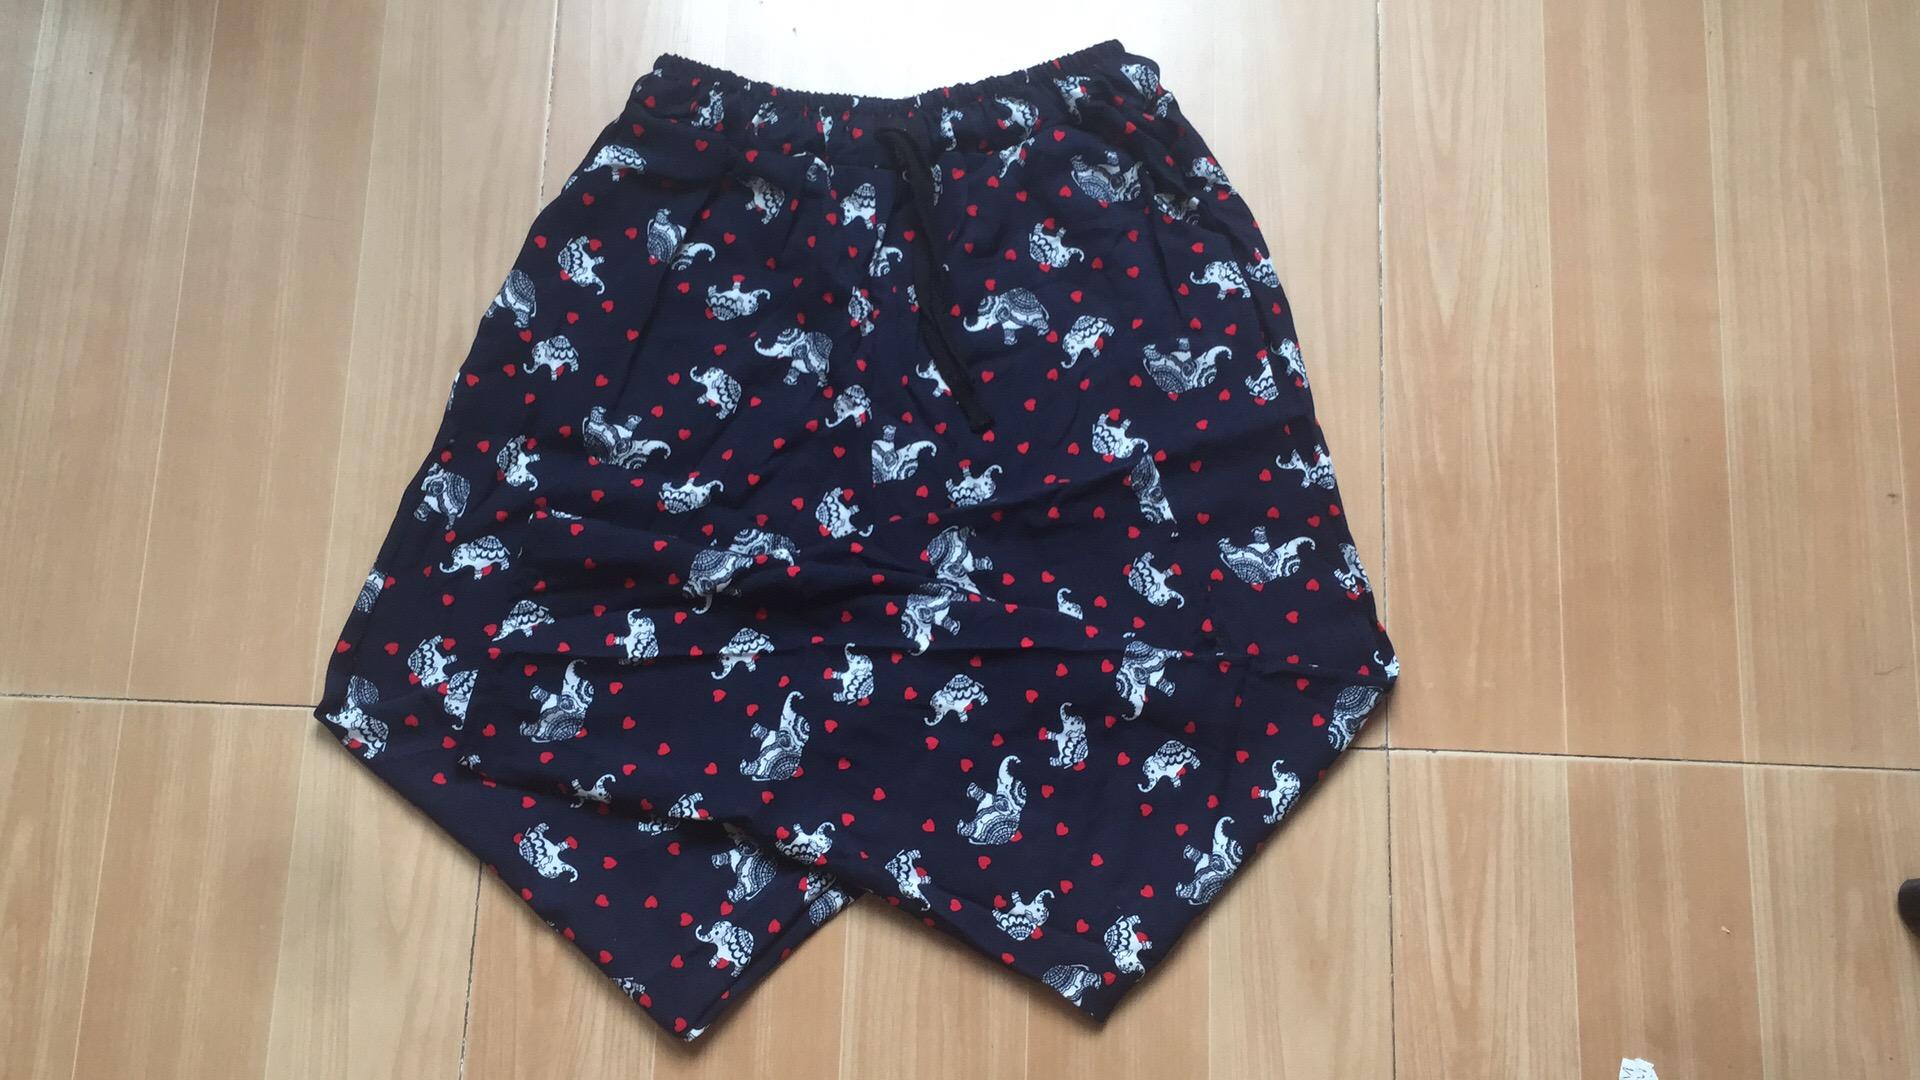 Mùa hè bông nhân tạo phụ nữ quần bông lụa hậu cung quần mỏng đàn hồi eo kích thước lớn chất béo mm bông quần âu